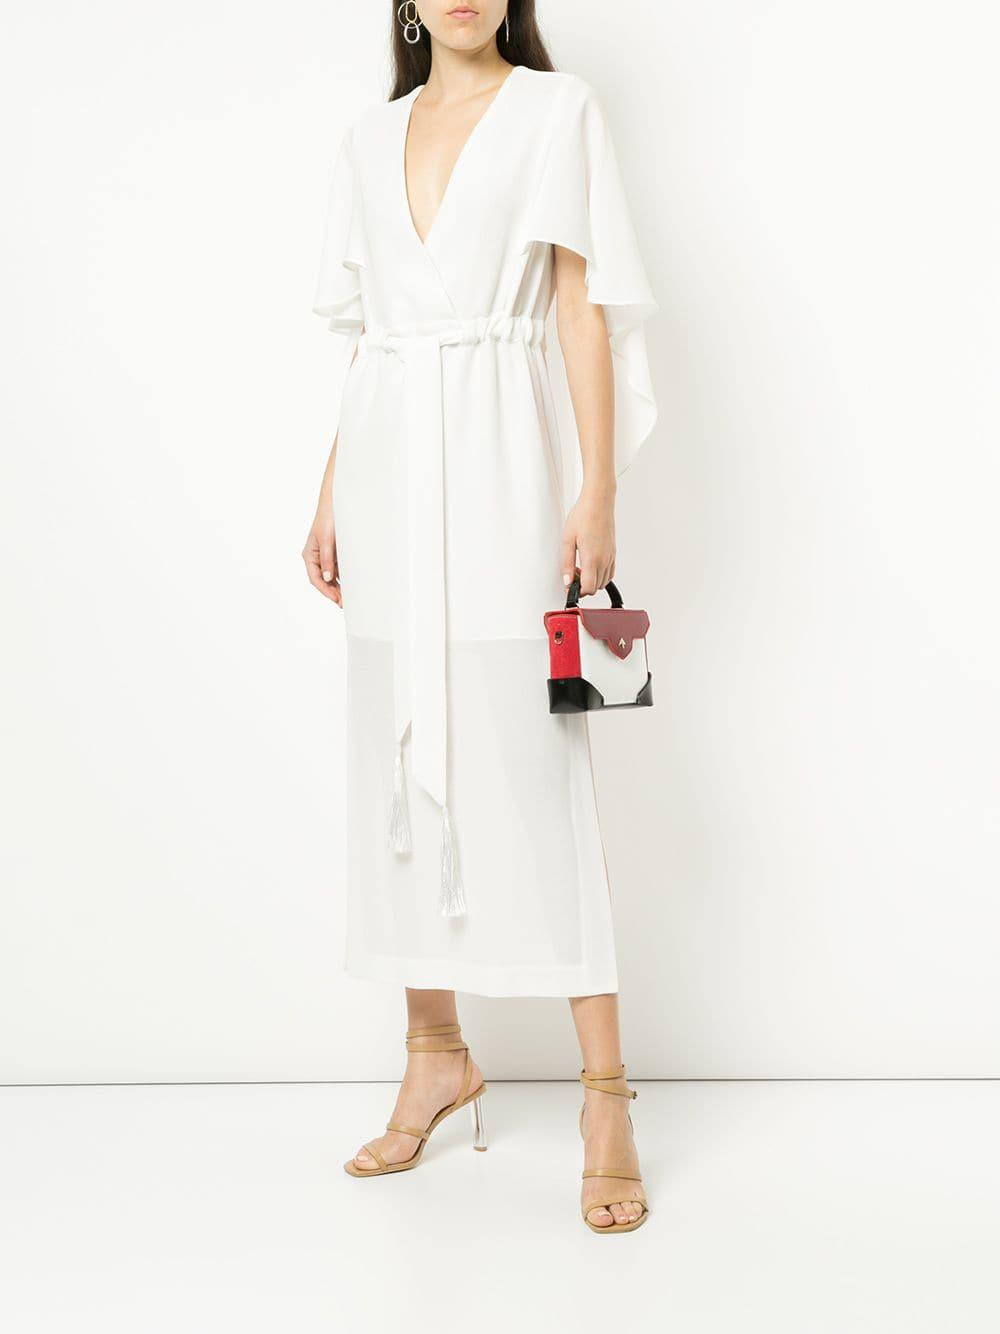 Lyst - Manning Cartell V-neck Cape Dress in White f513fec05